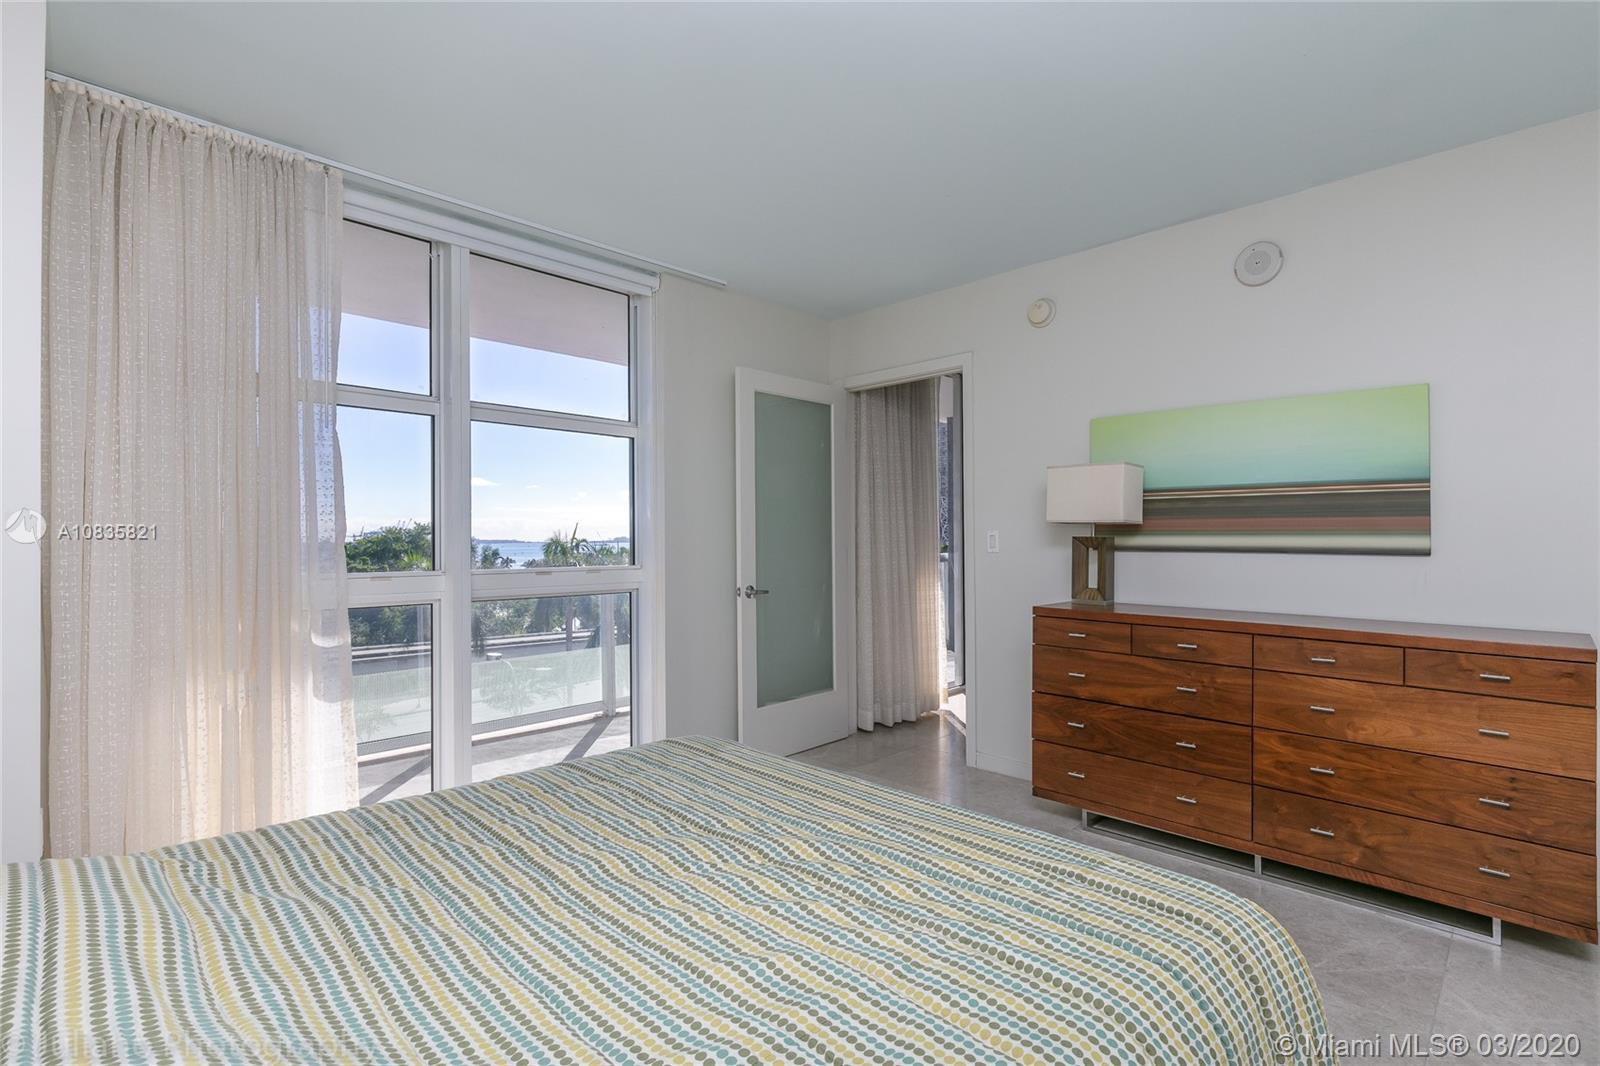 Property 50 Biscayne Blvd #504 image 12